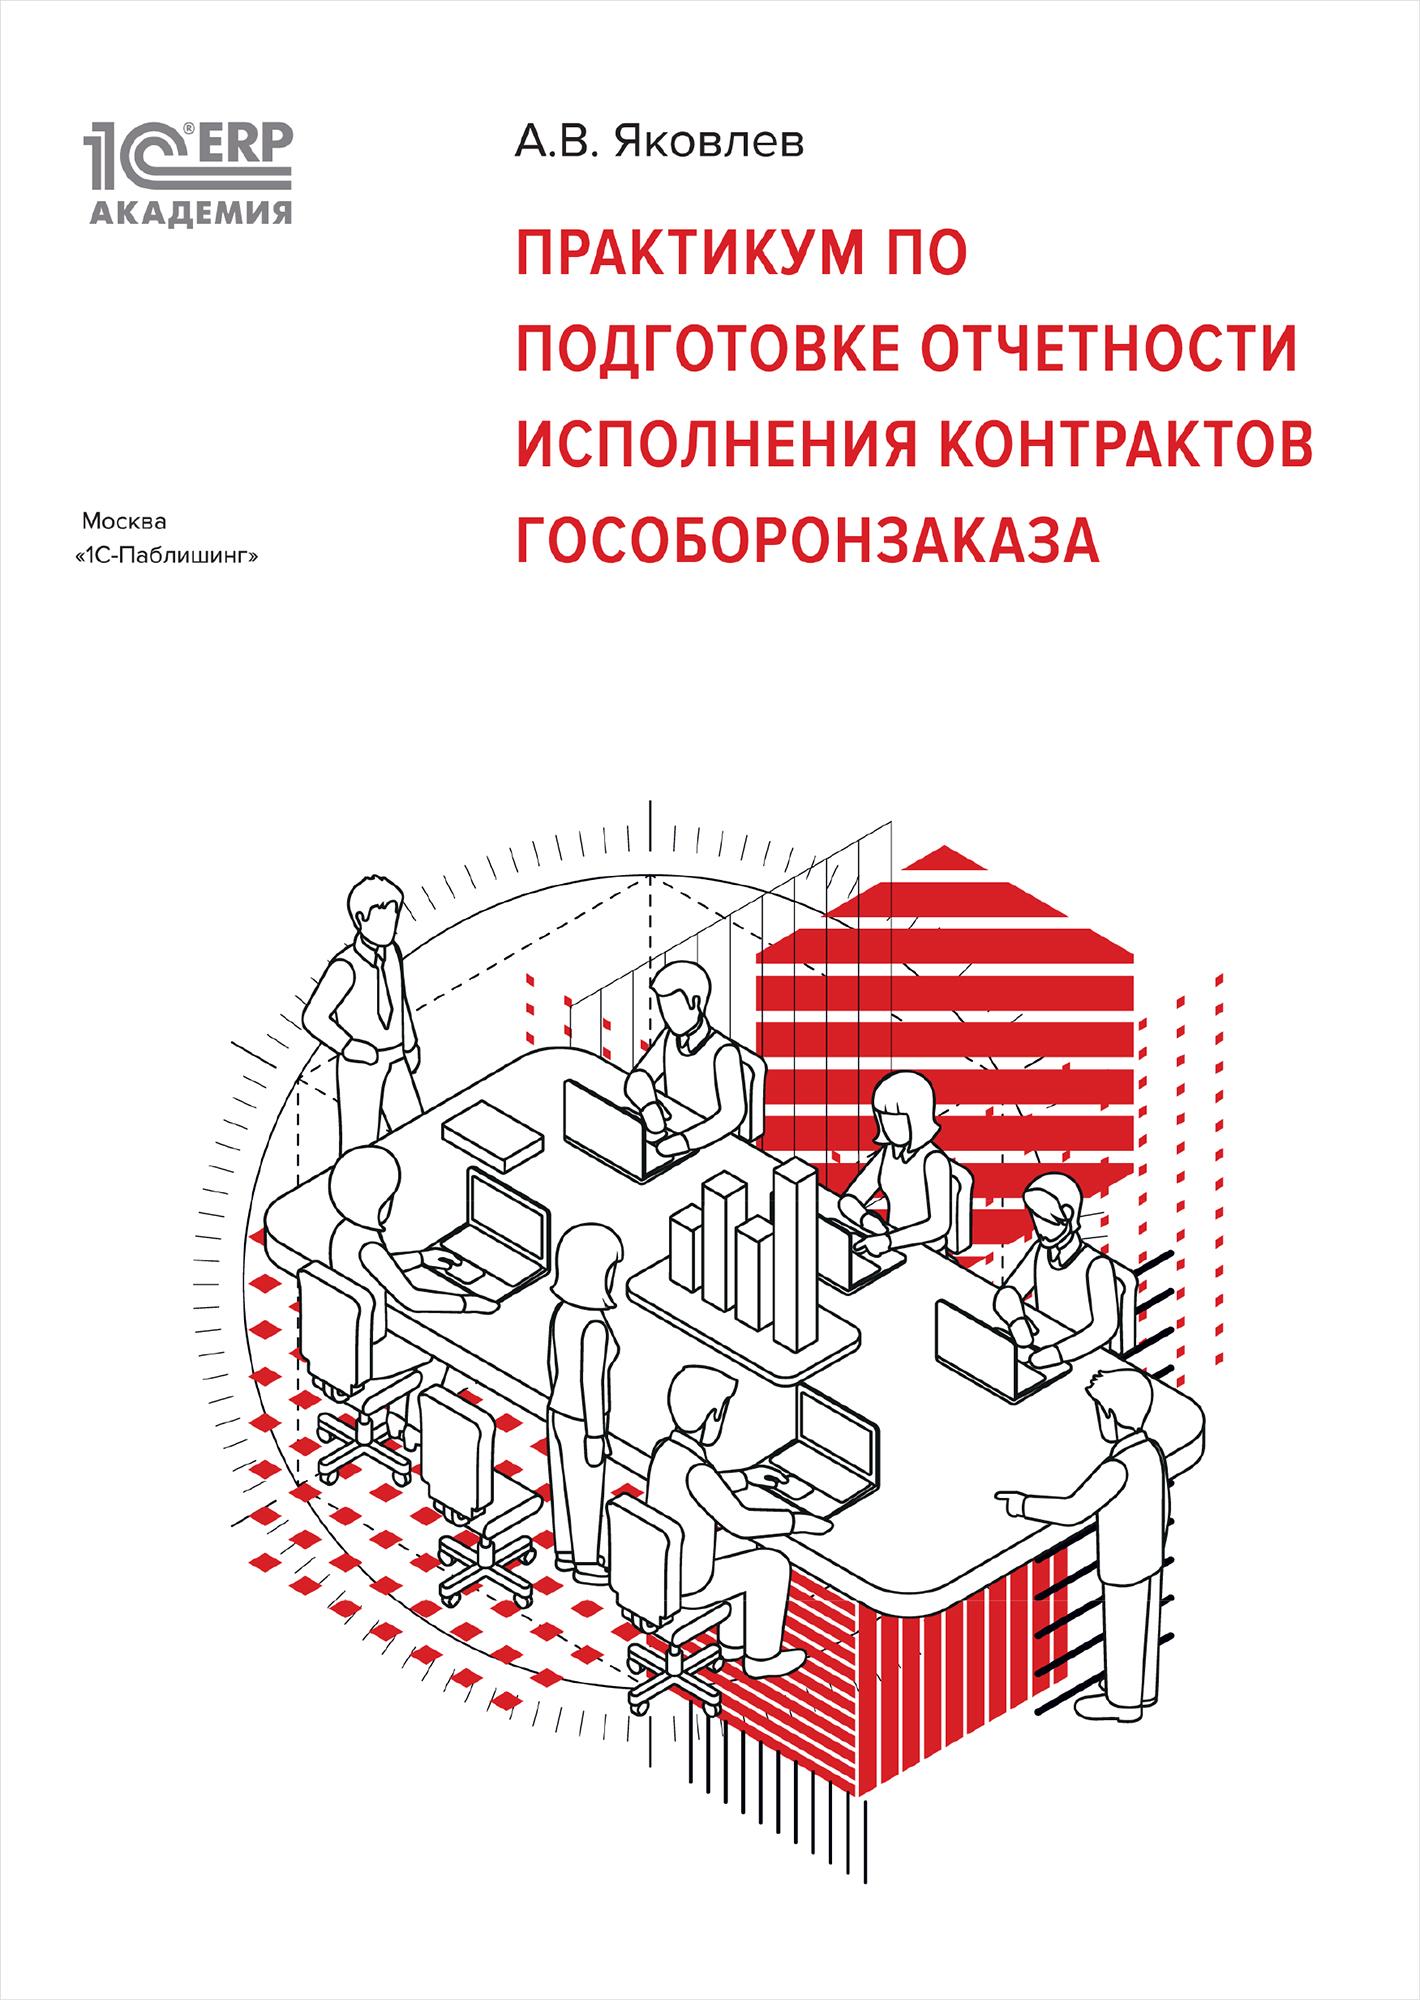 1С:Академия ERP. Практикум по подготовке отчетности исполнения контрактов гособоронзаказа  (цифровая версия) (Цифровая версия) 1С-Паблишинг